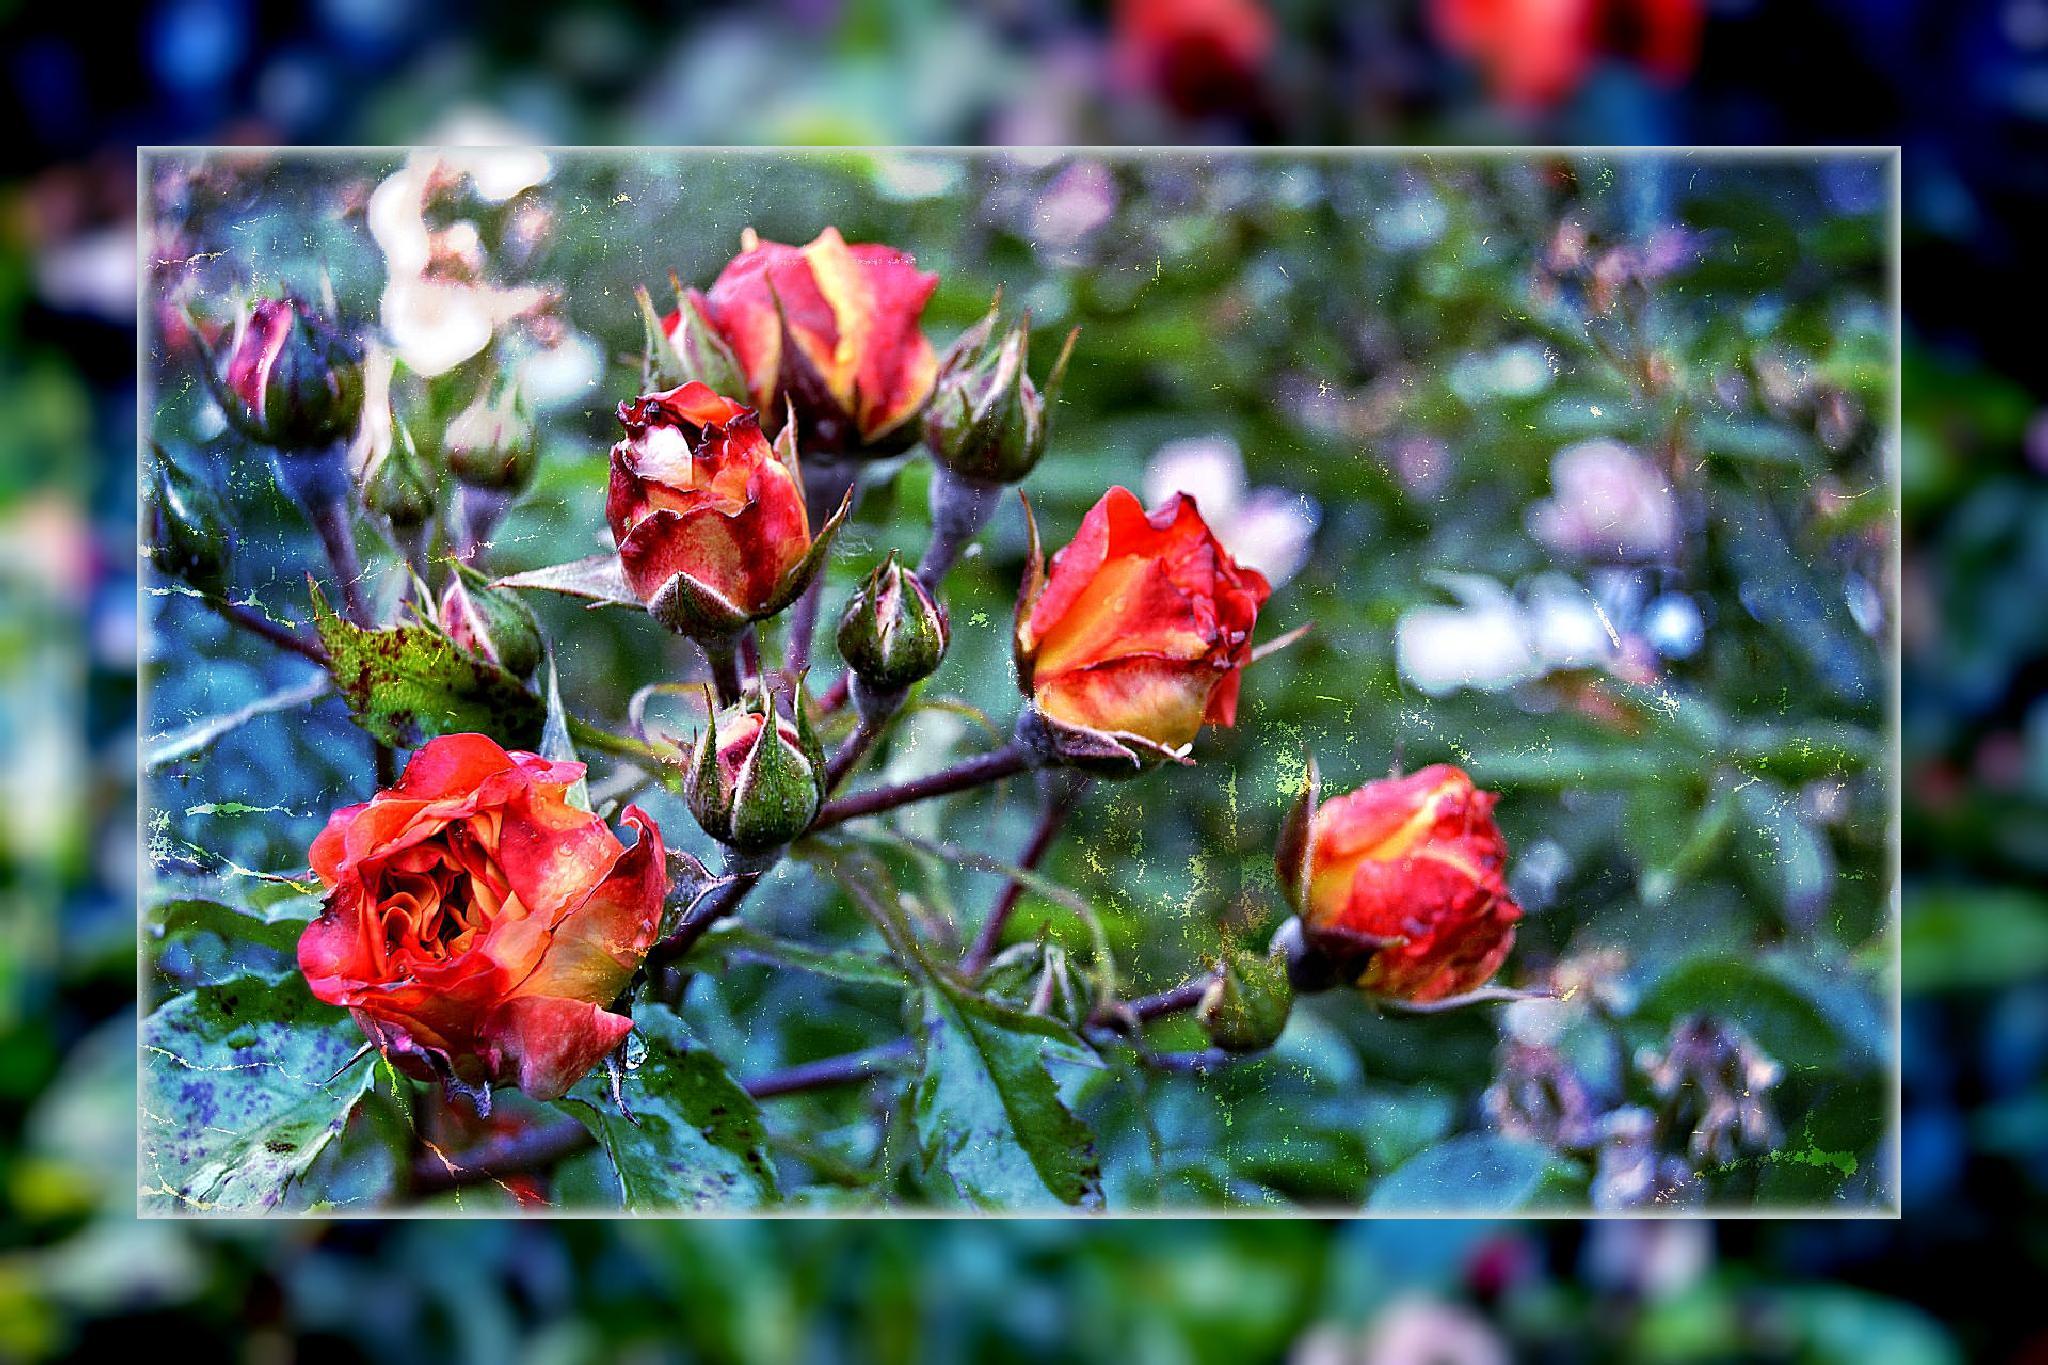 Rote Rosen zur blauen Stunde by RoPaFue